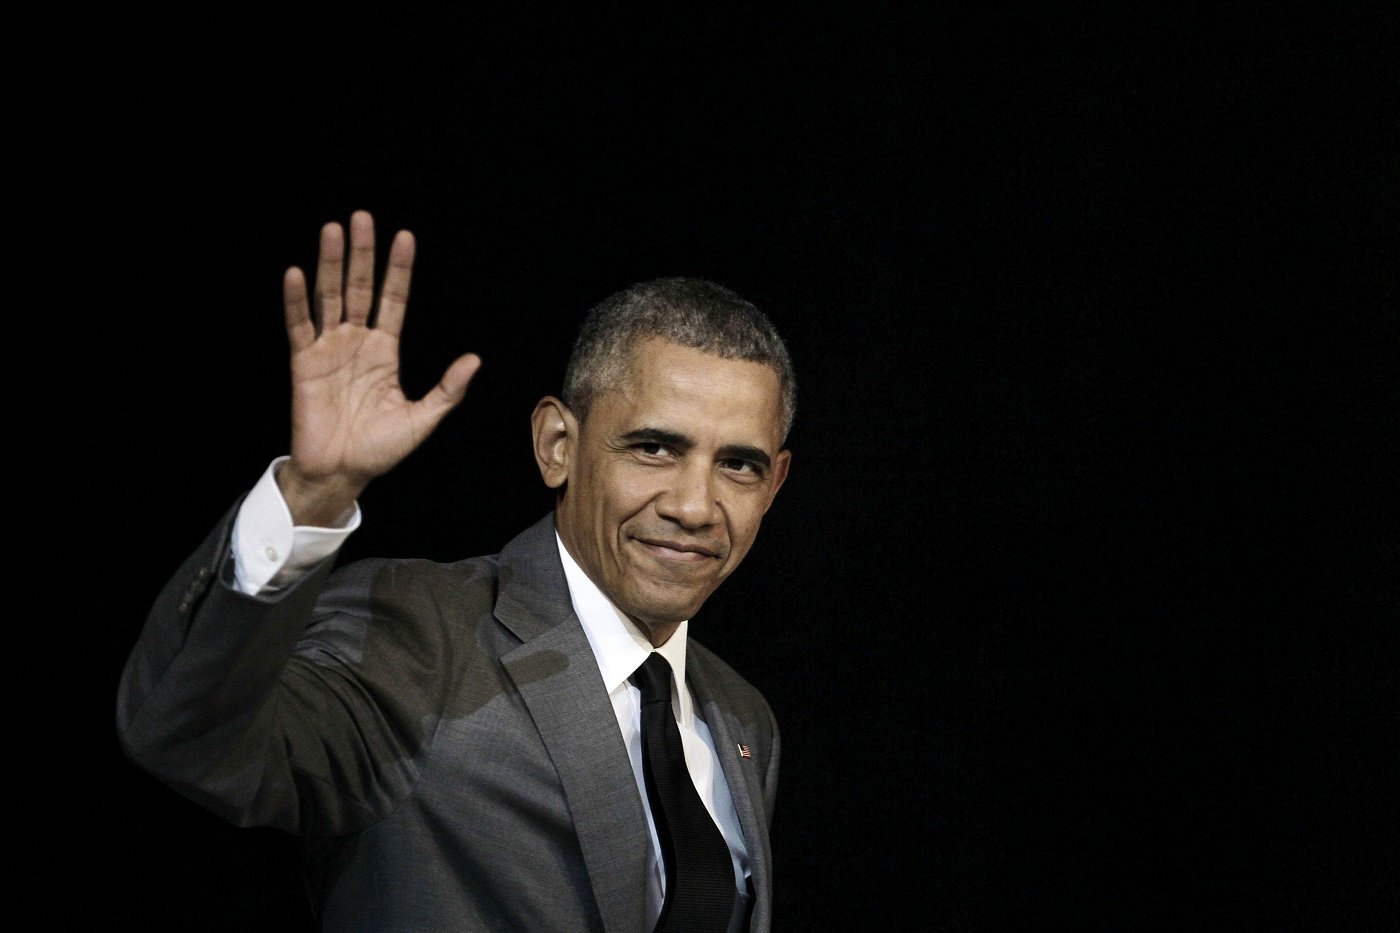 GRA102. Fotografía del 22 de marzo de 2016 del presidente de los Estados Unidos, Barack Obama, durante su visita a La Habana. Barack Obama, el primer presidente negro de EEUU, culminará el 20 de enero sus ocho años de mandato, marcados por la ausencia de escándalos y un legado controvertido que en su mayoría quiere desmantelar su sucesor, Donald Trump. EFE/JEFFREY ARGUEDAS